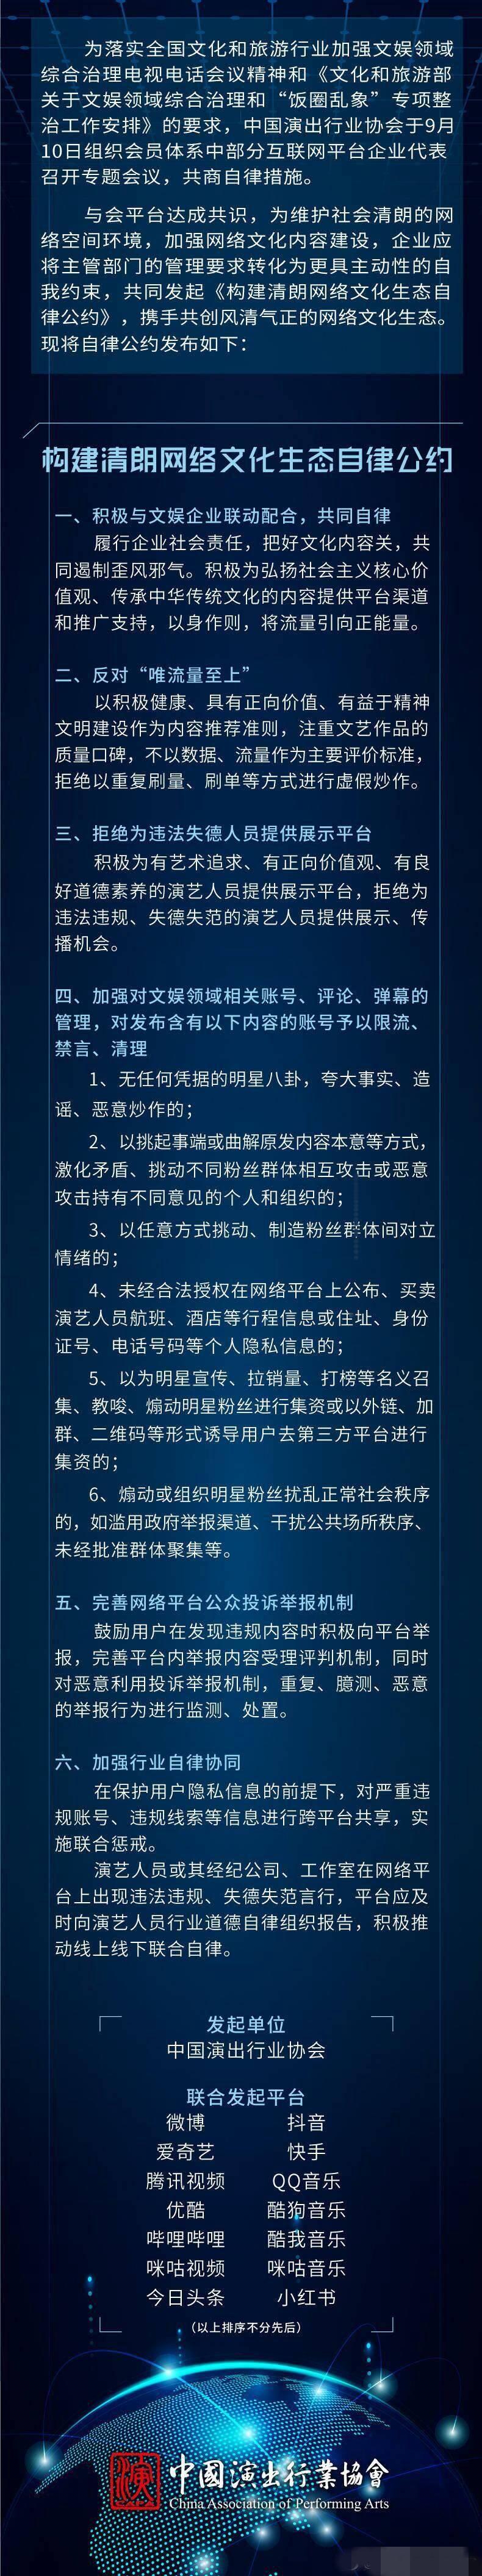 """中国演出行业协会:反对""""唯流量至上"""""""